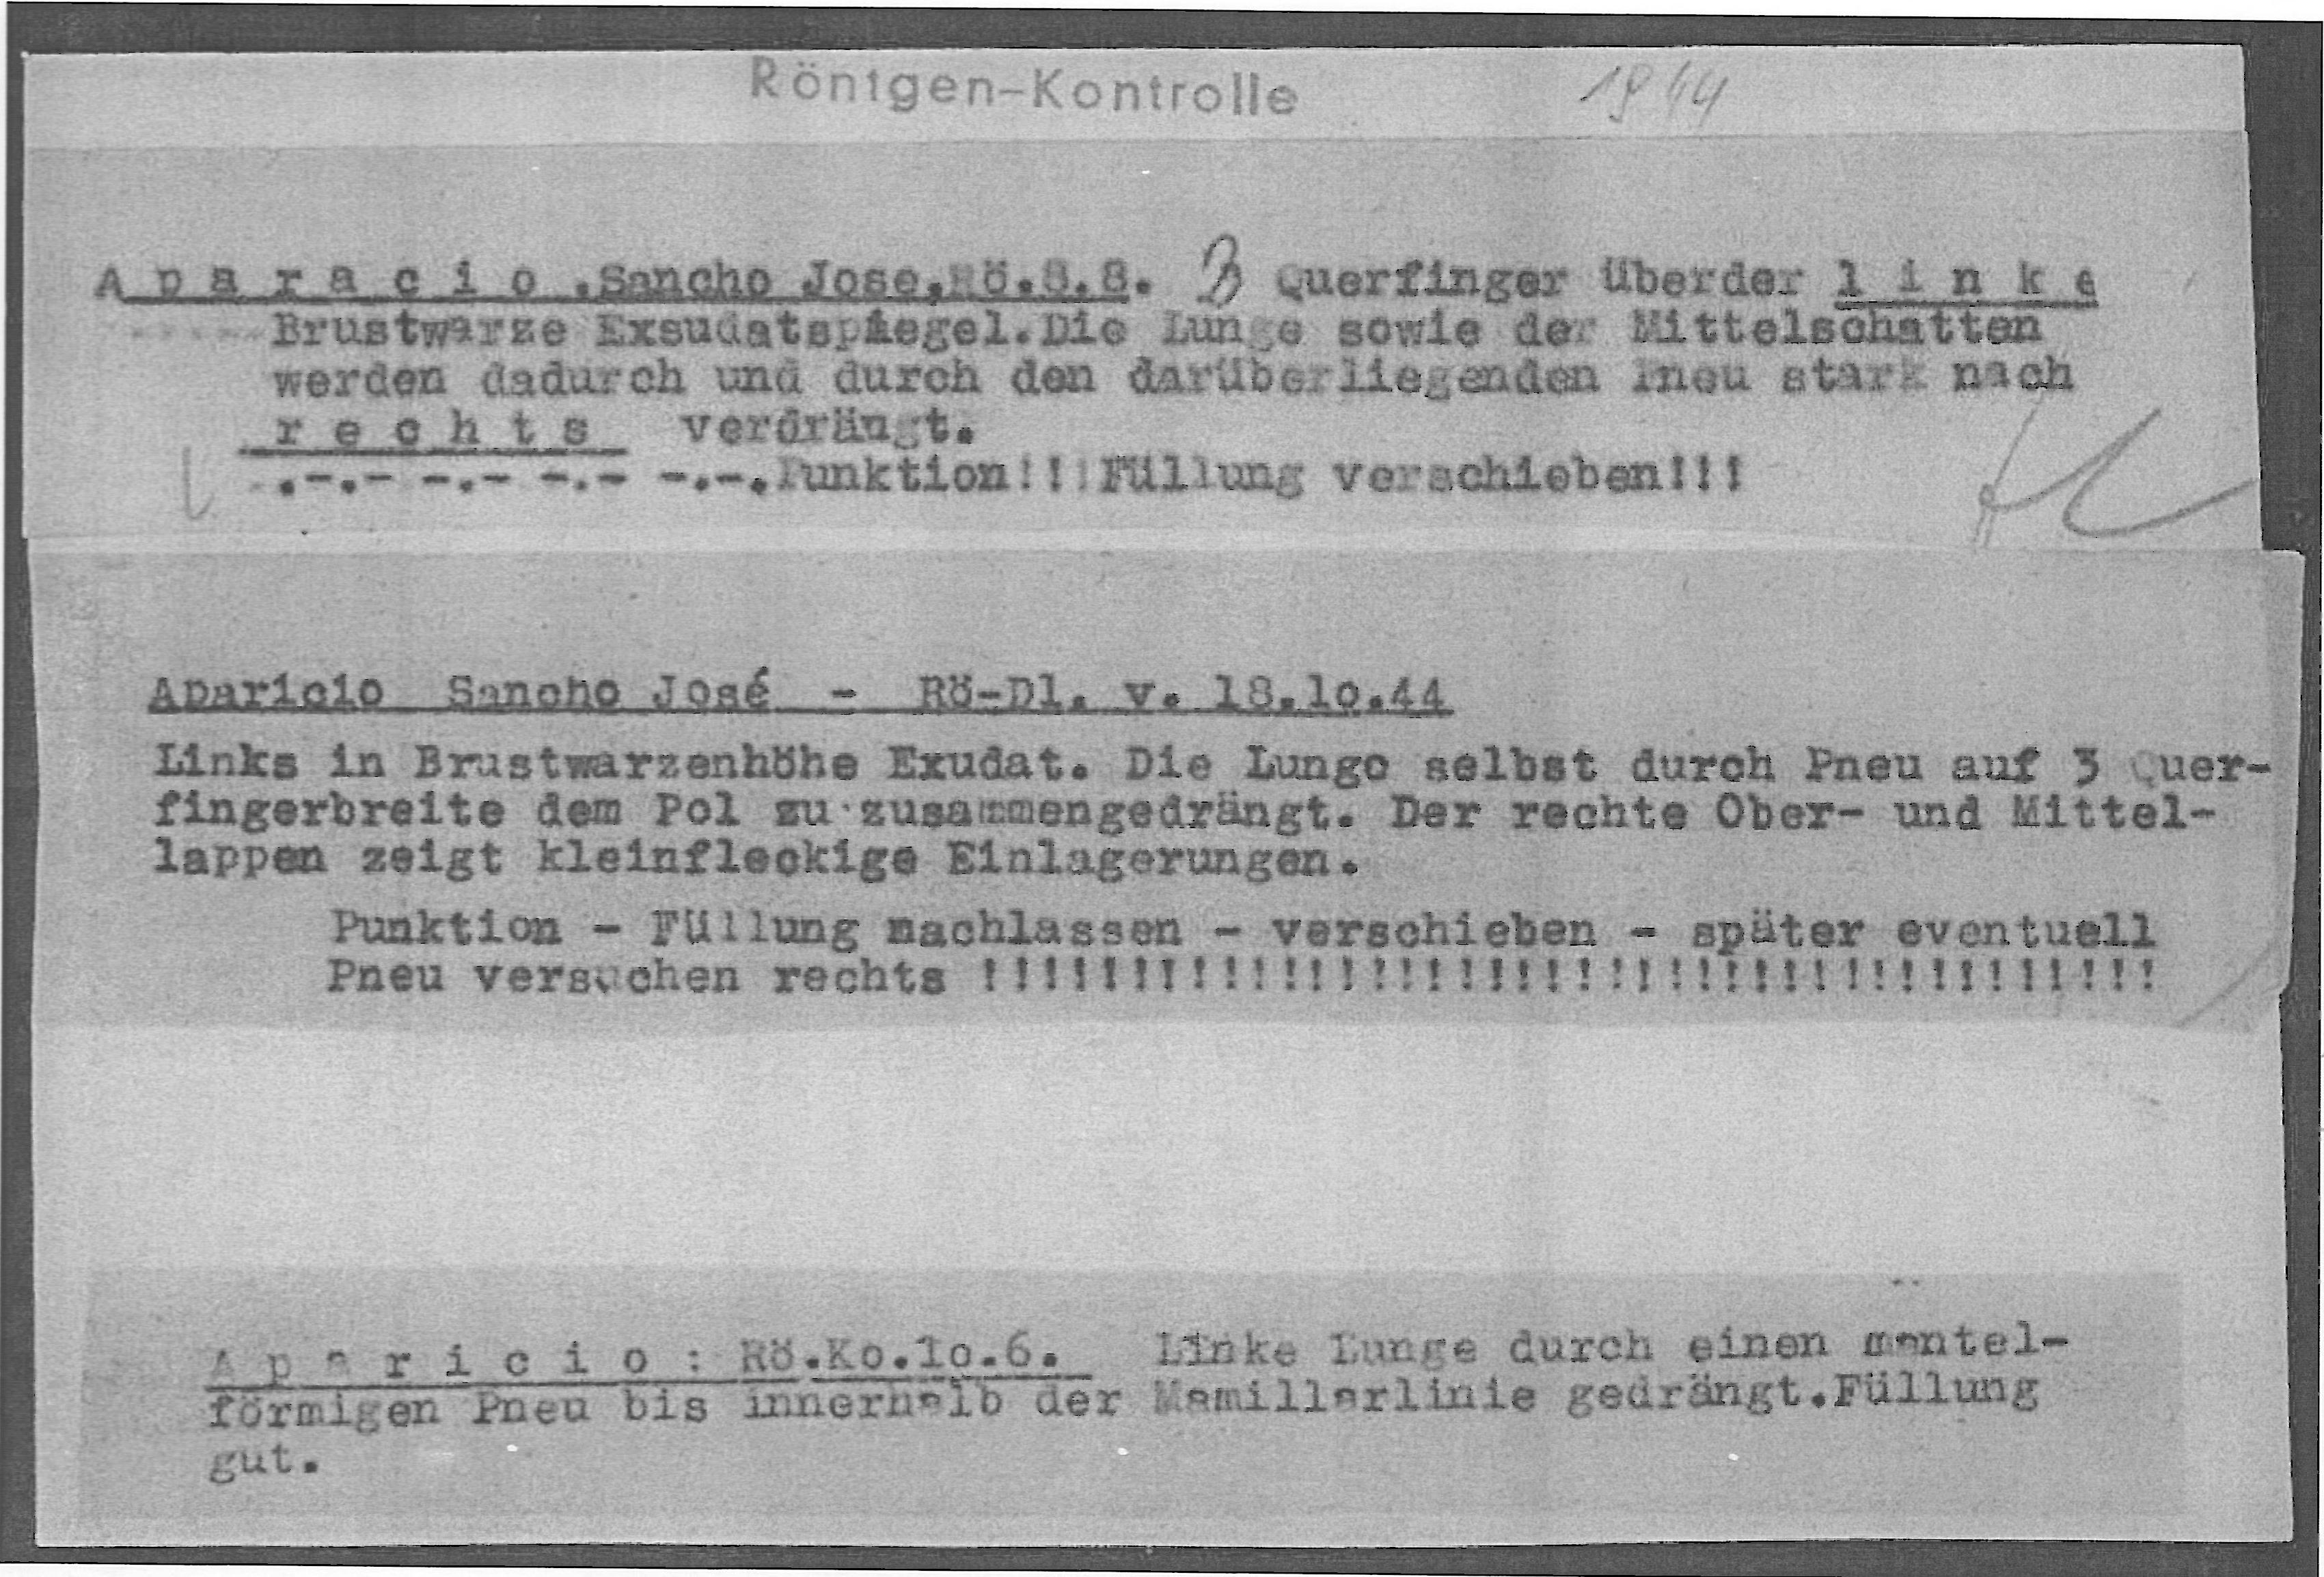 Fitxa de presoner de Mauthausen amb categoria (Spanier), data i lloc de naixement i data d'arribada. Hi consta també la data de sortida cap al camp de Dachau, el 8-11-1942. (Font: ITS Bad Arolsen)